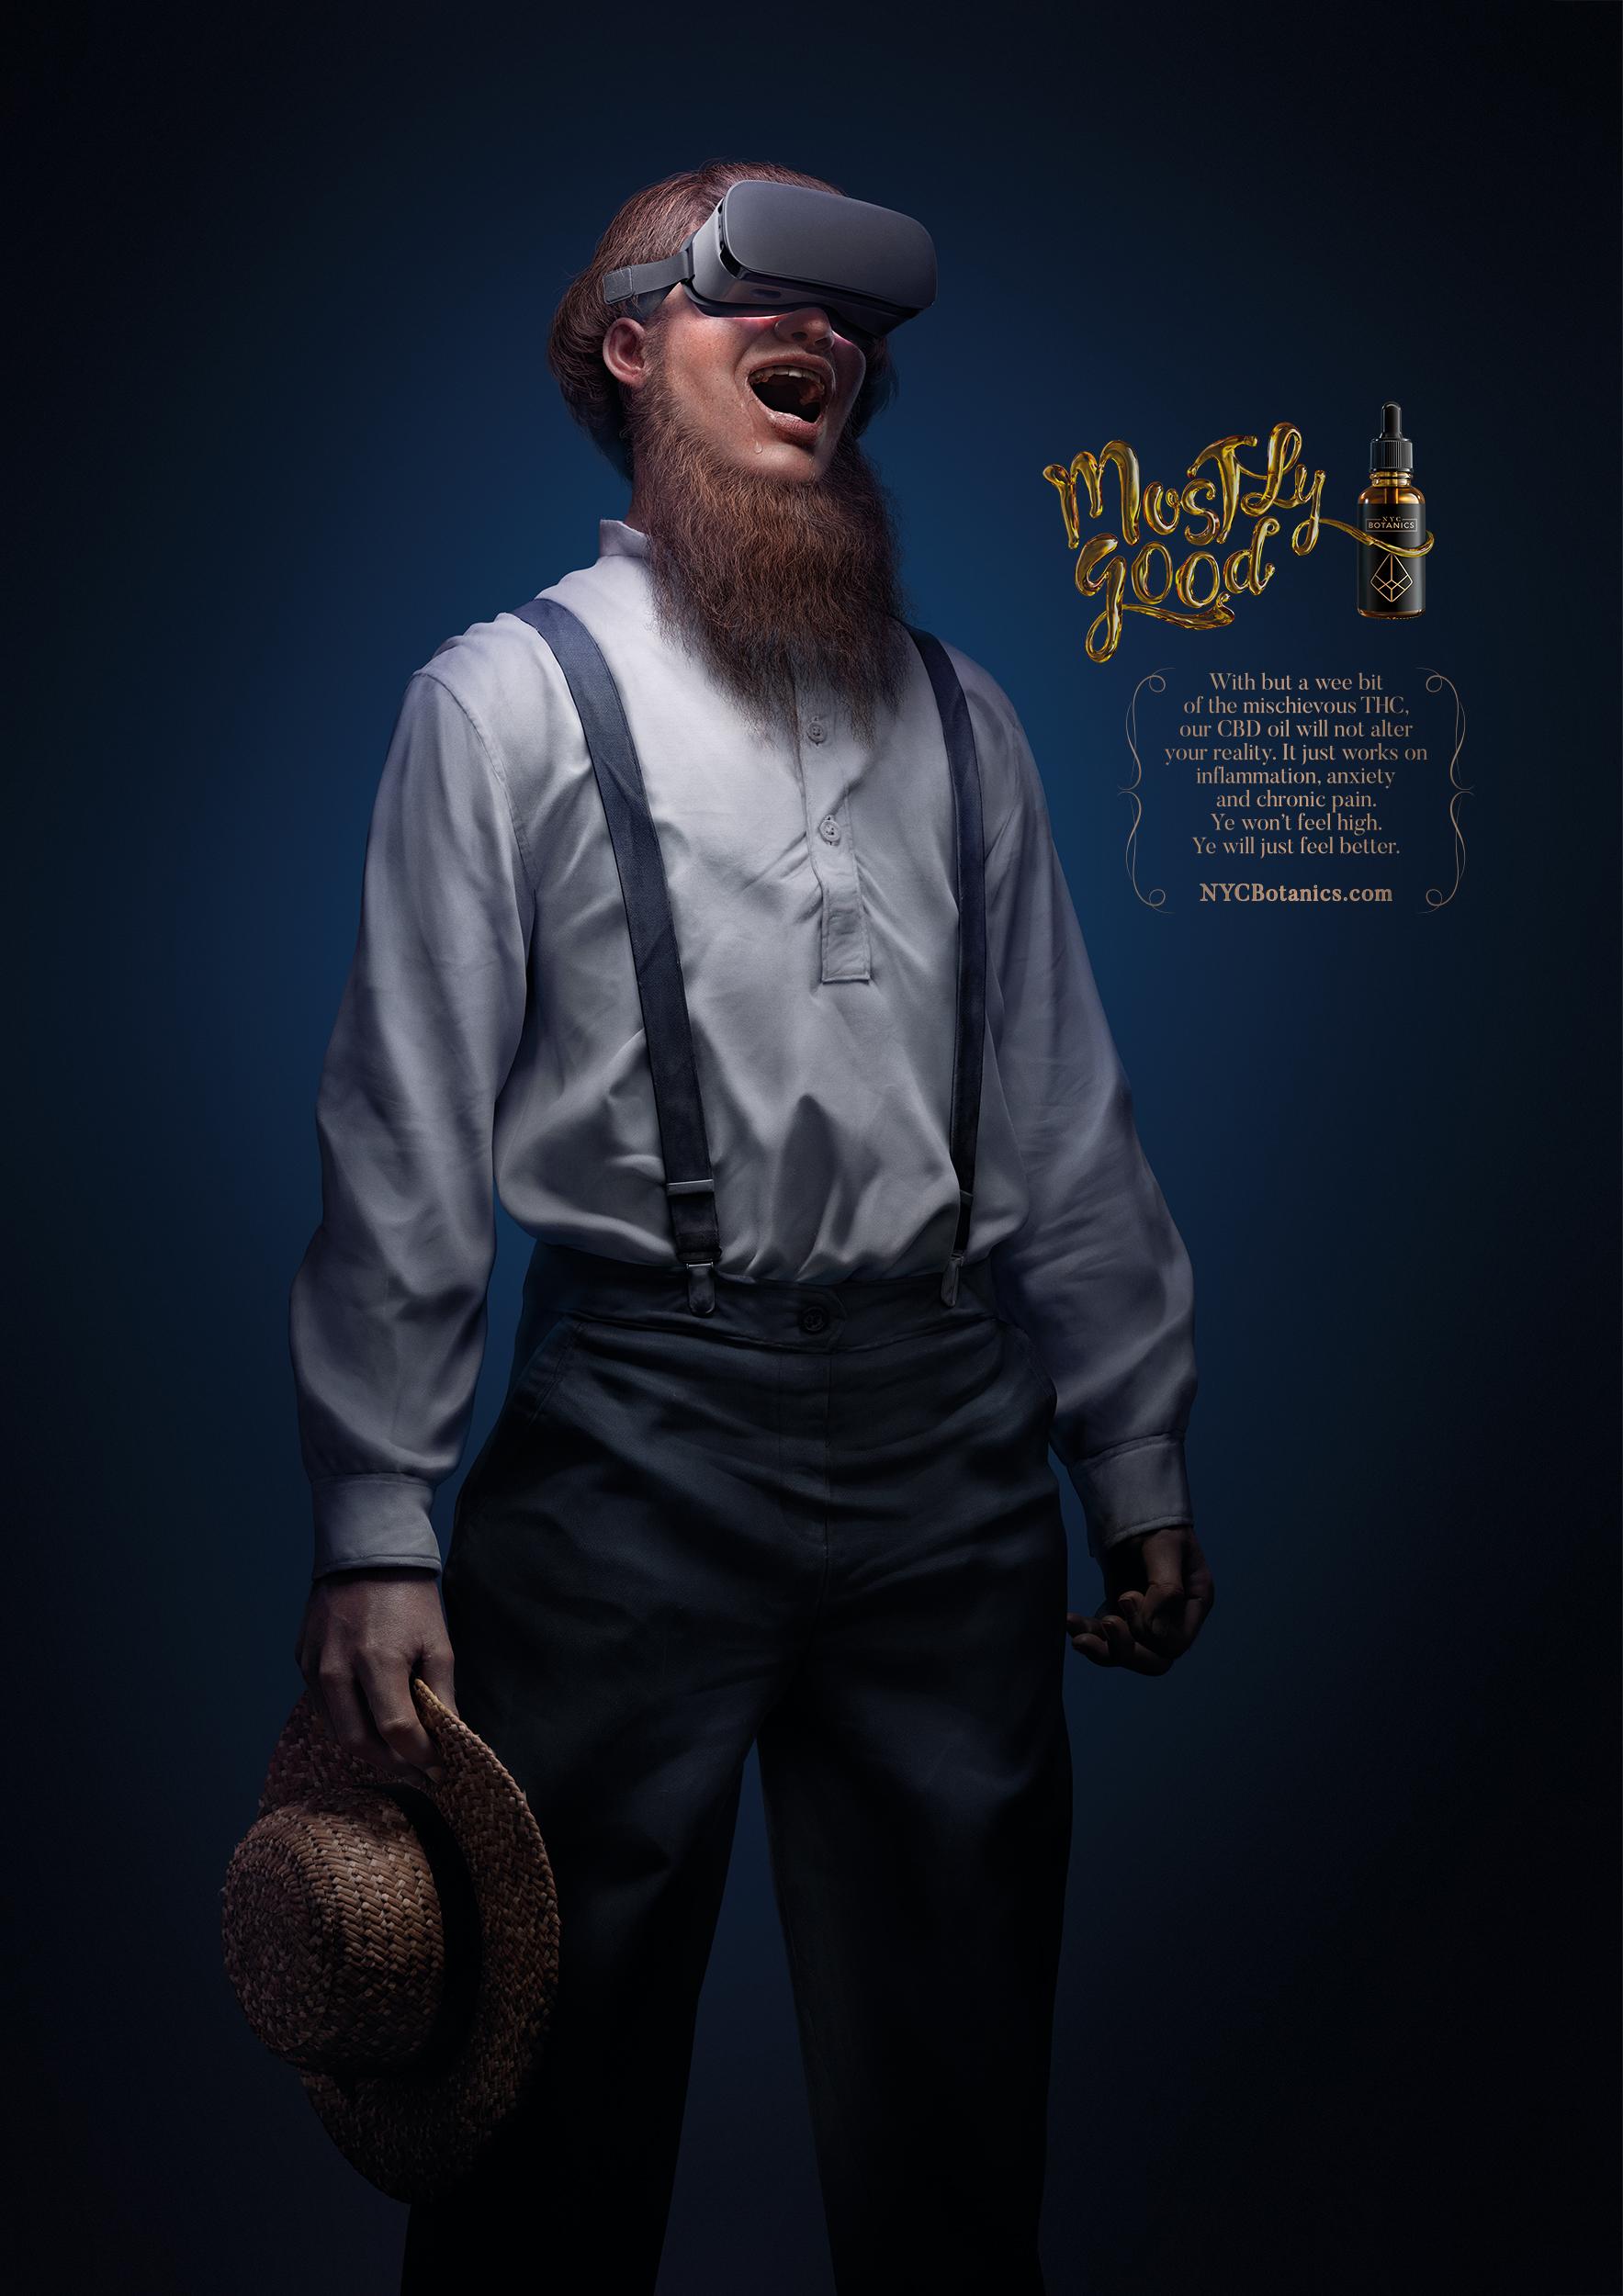 C_Mostly_Good_Amish_9_N_Srgb.jpg